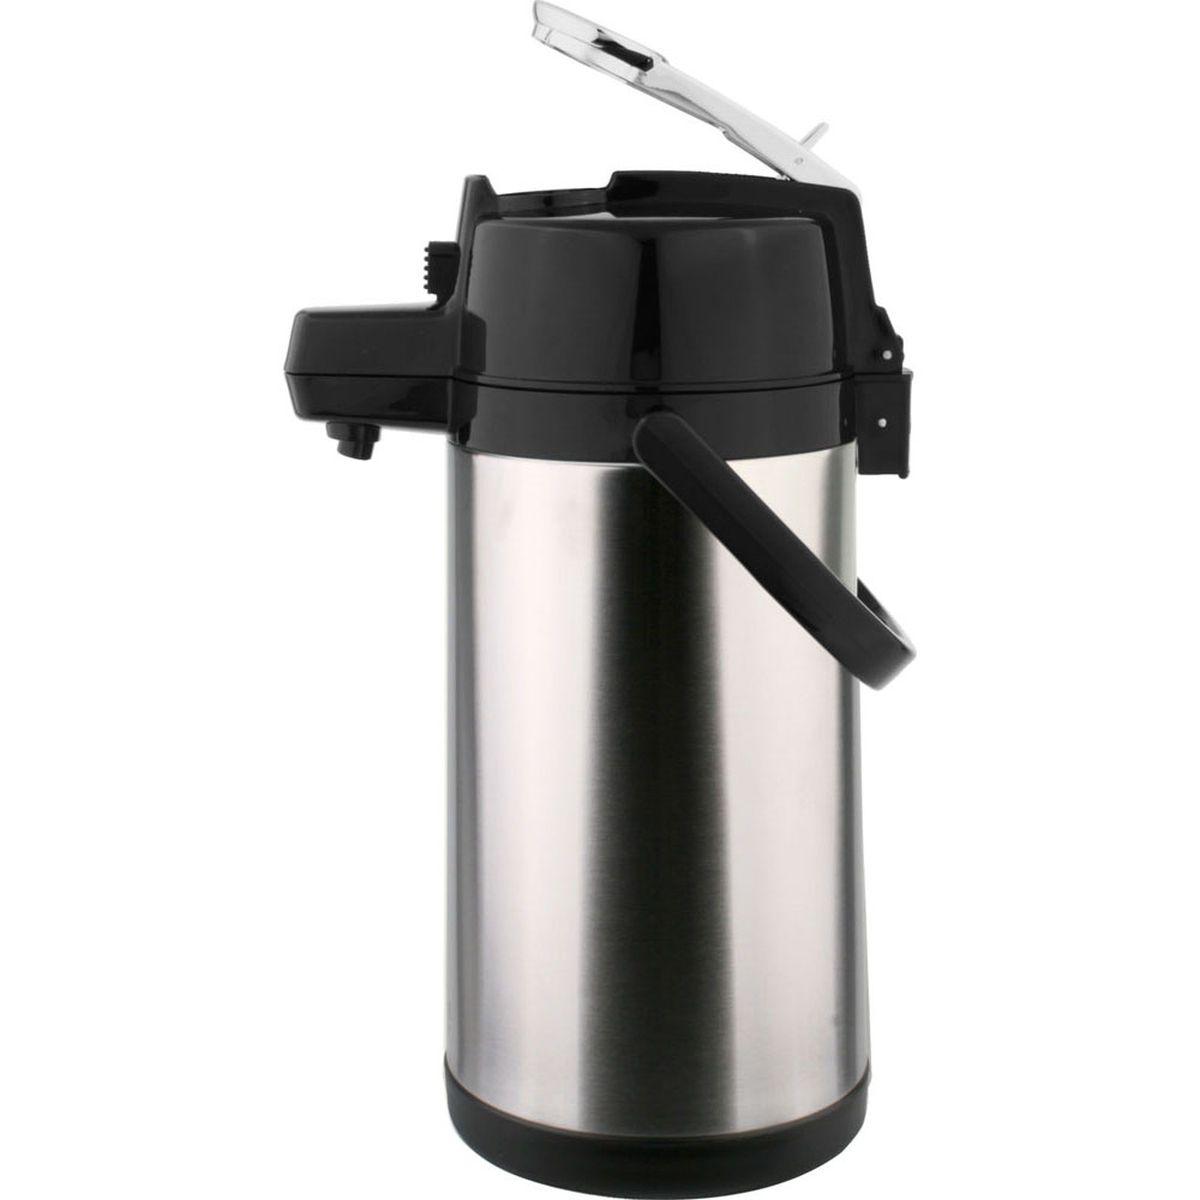 Garrafa Térmica de pressão em aço inox 2,5L